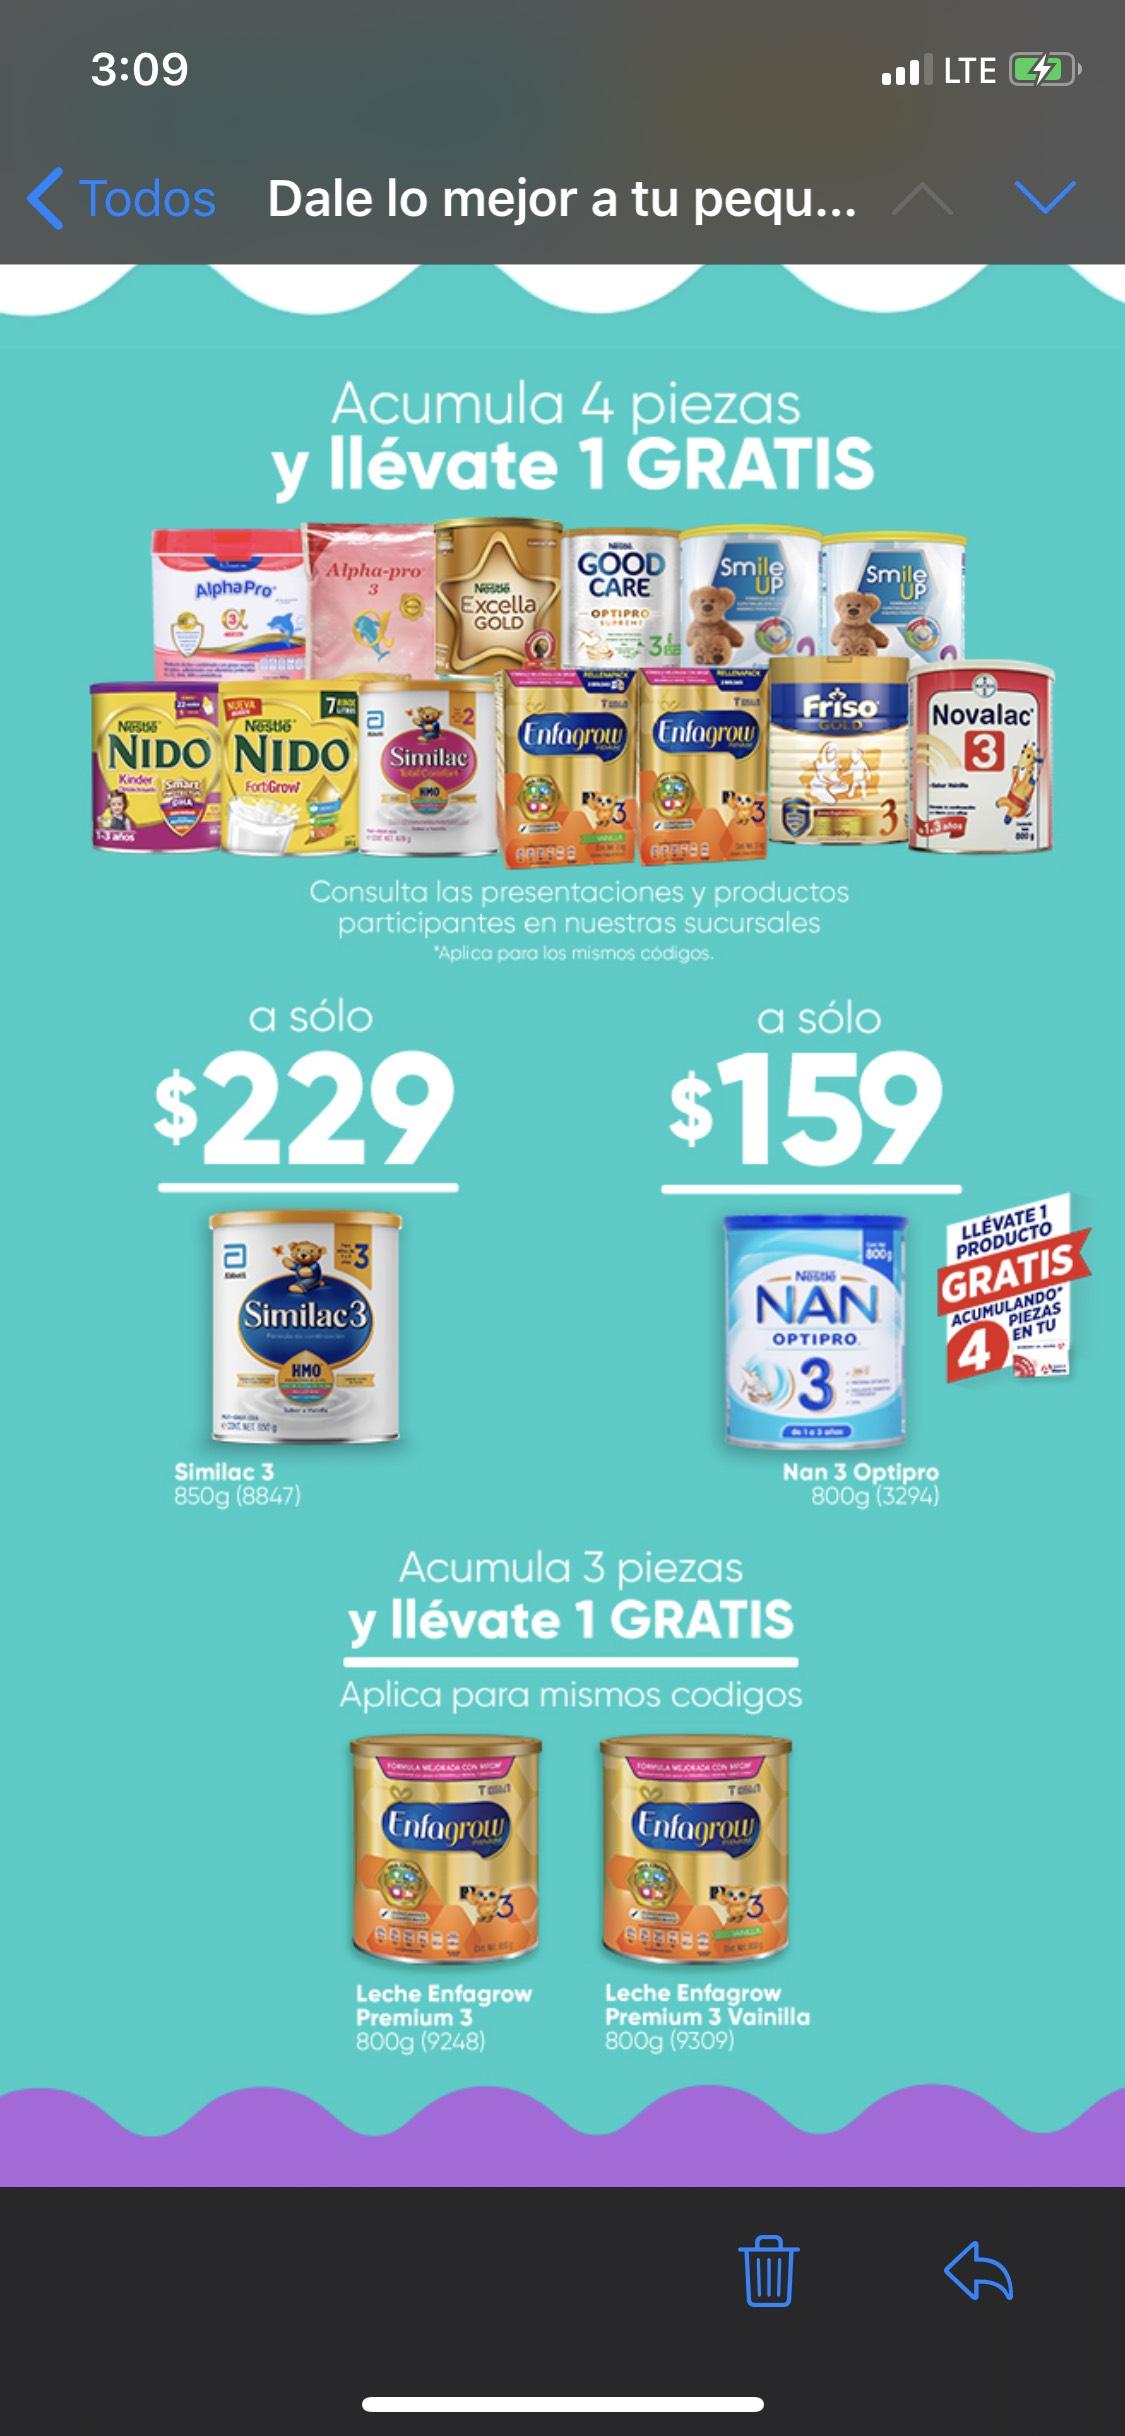 Farmacias del ahorro leche para bebe Compras 4 te llevas 1 y de la marca enfamil compras 3 llevas 4